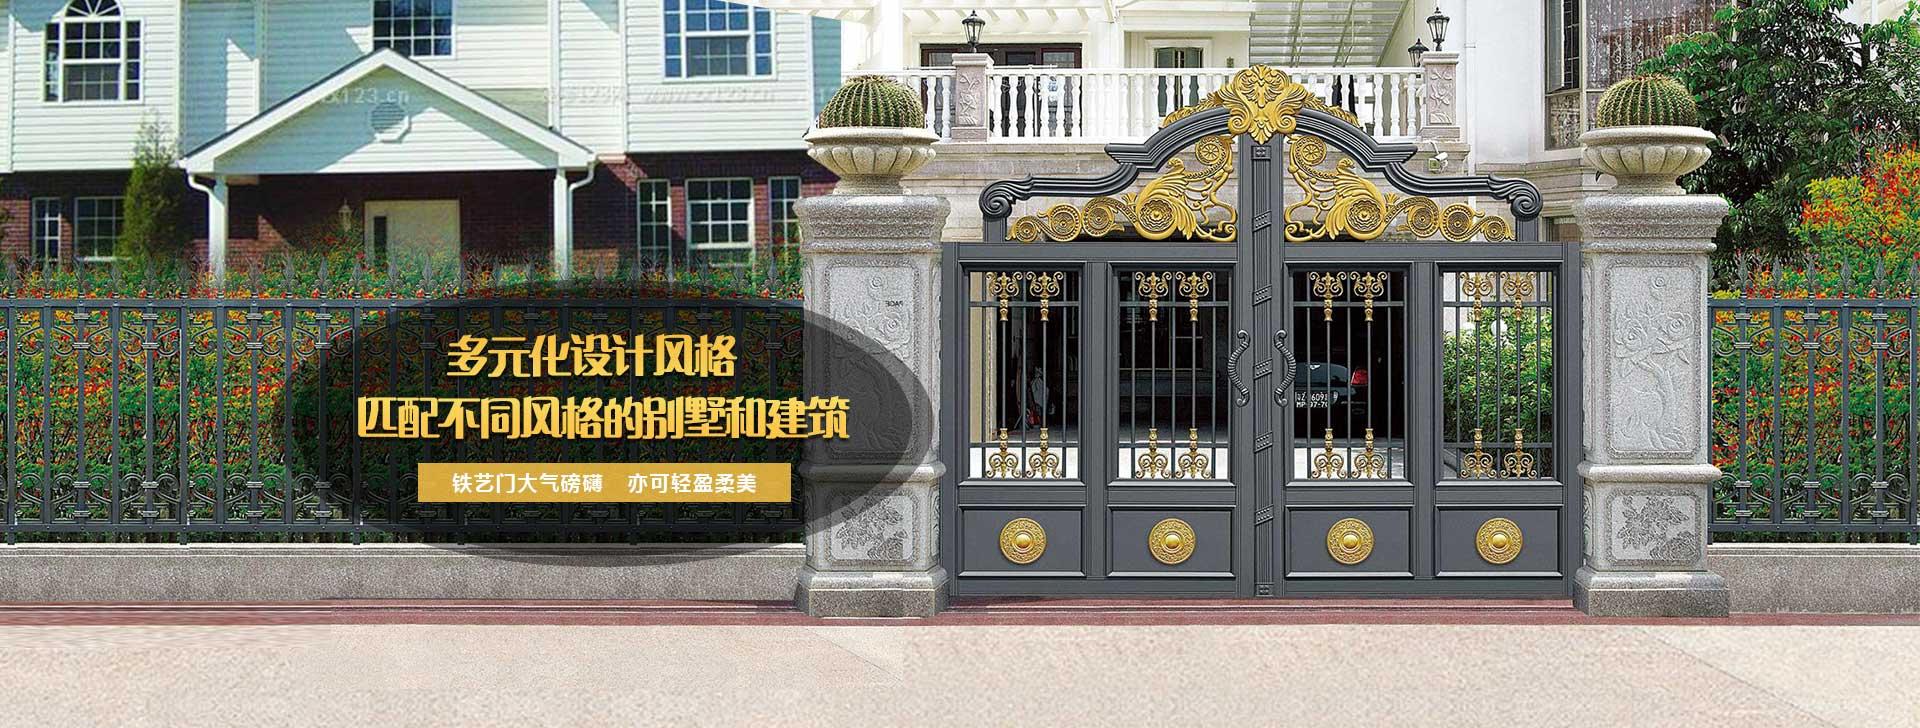 欧派铁艺多元化设计风格、匹配不同风格的别墅和建筑